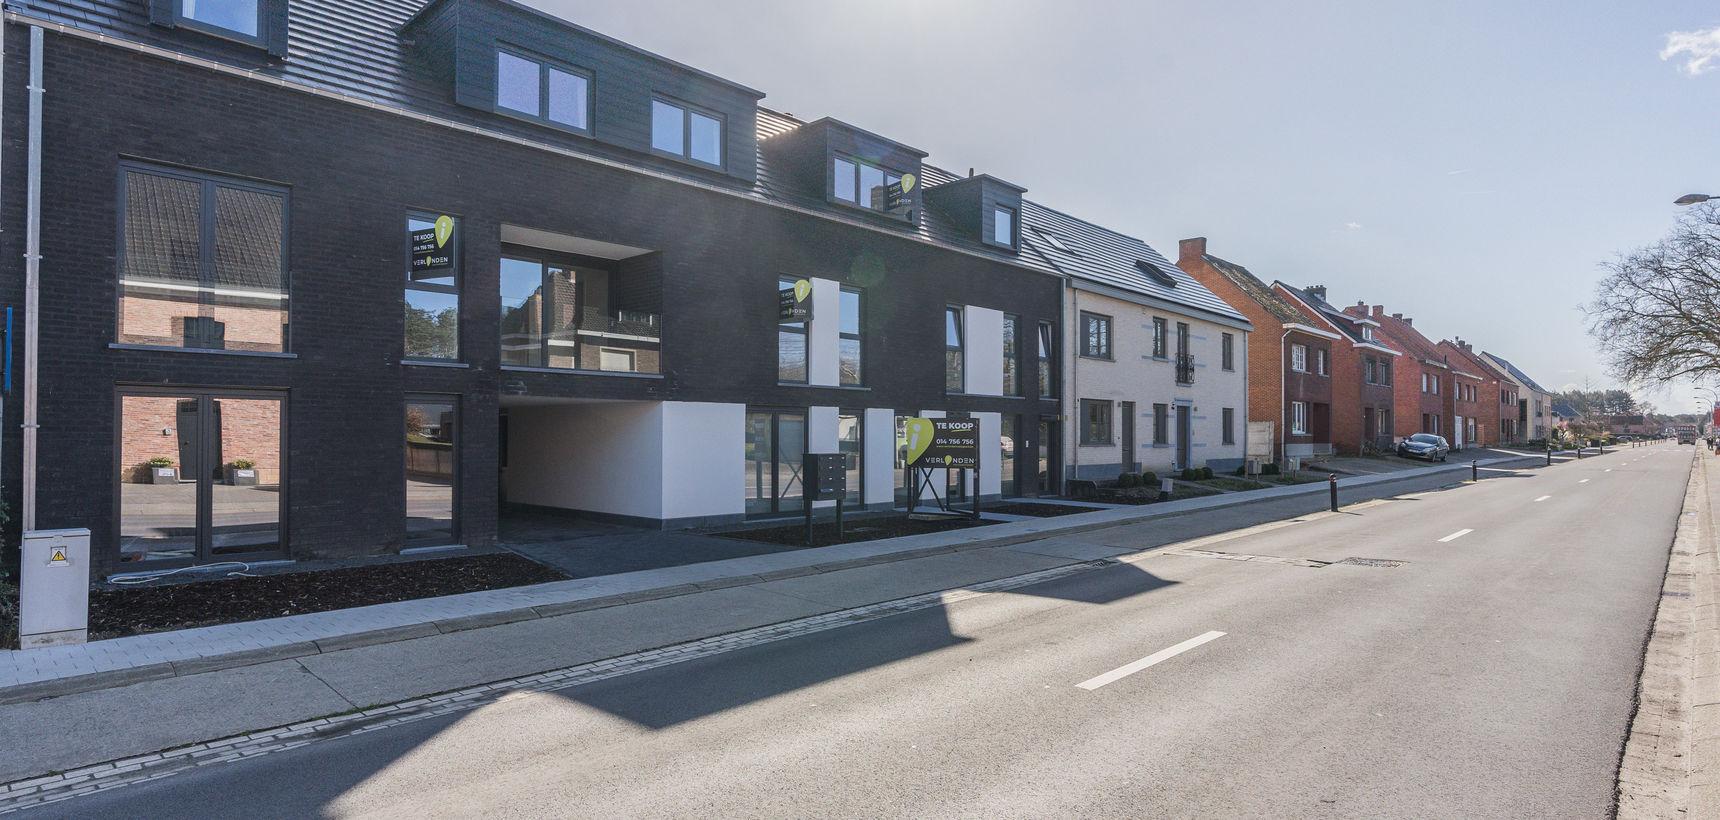 UITVERKOCHT - Nieuwbouwproject met 8 appartementen met 2 of 3 slpks te OLV Olen !